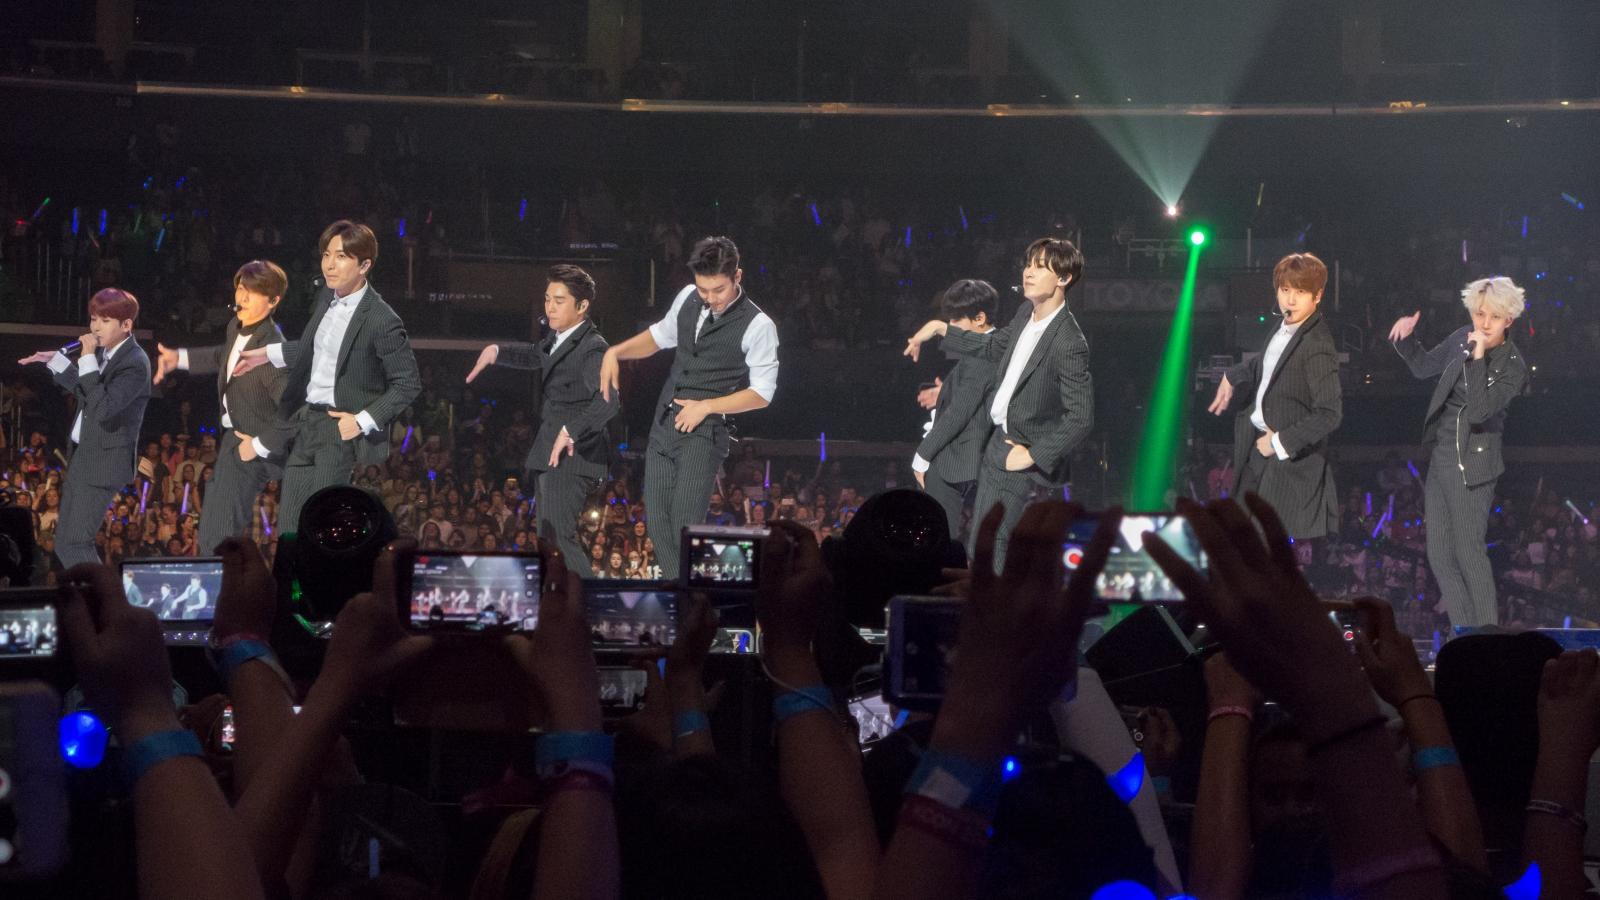 Bị truy thu thuế 18 triệu USD, công ty chủ quản của BoA, Super Junior sẽ kháng nghị